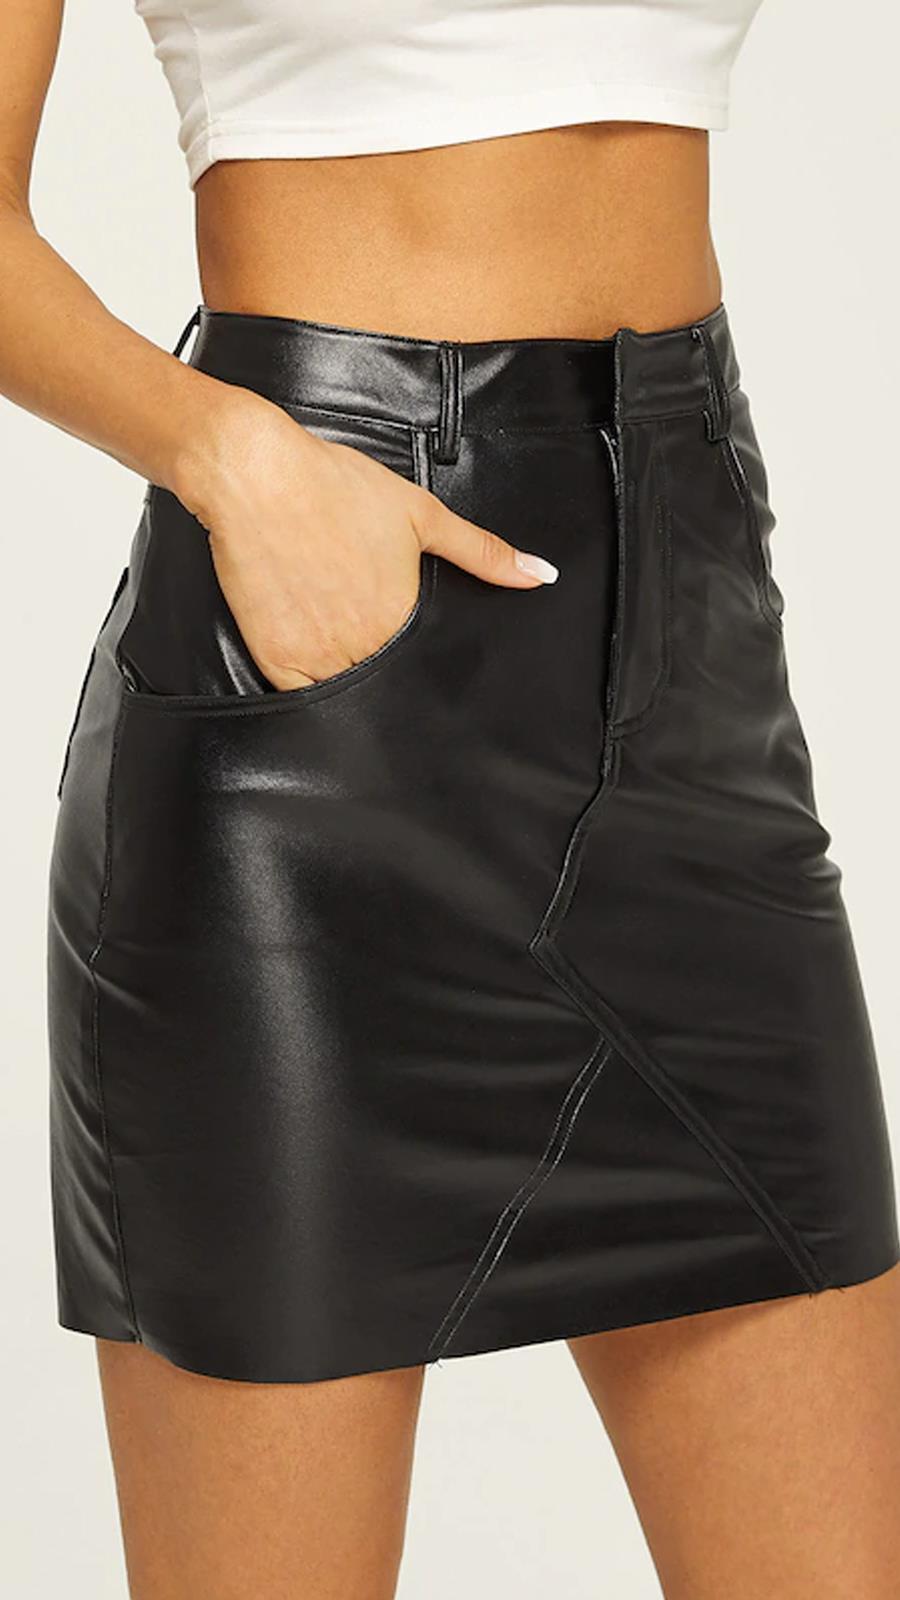 09ed427608 Falda ajustada de cuero sintético de She In (13 €). Las faldas de